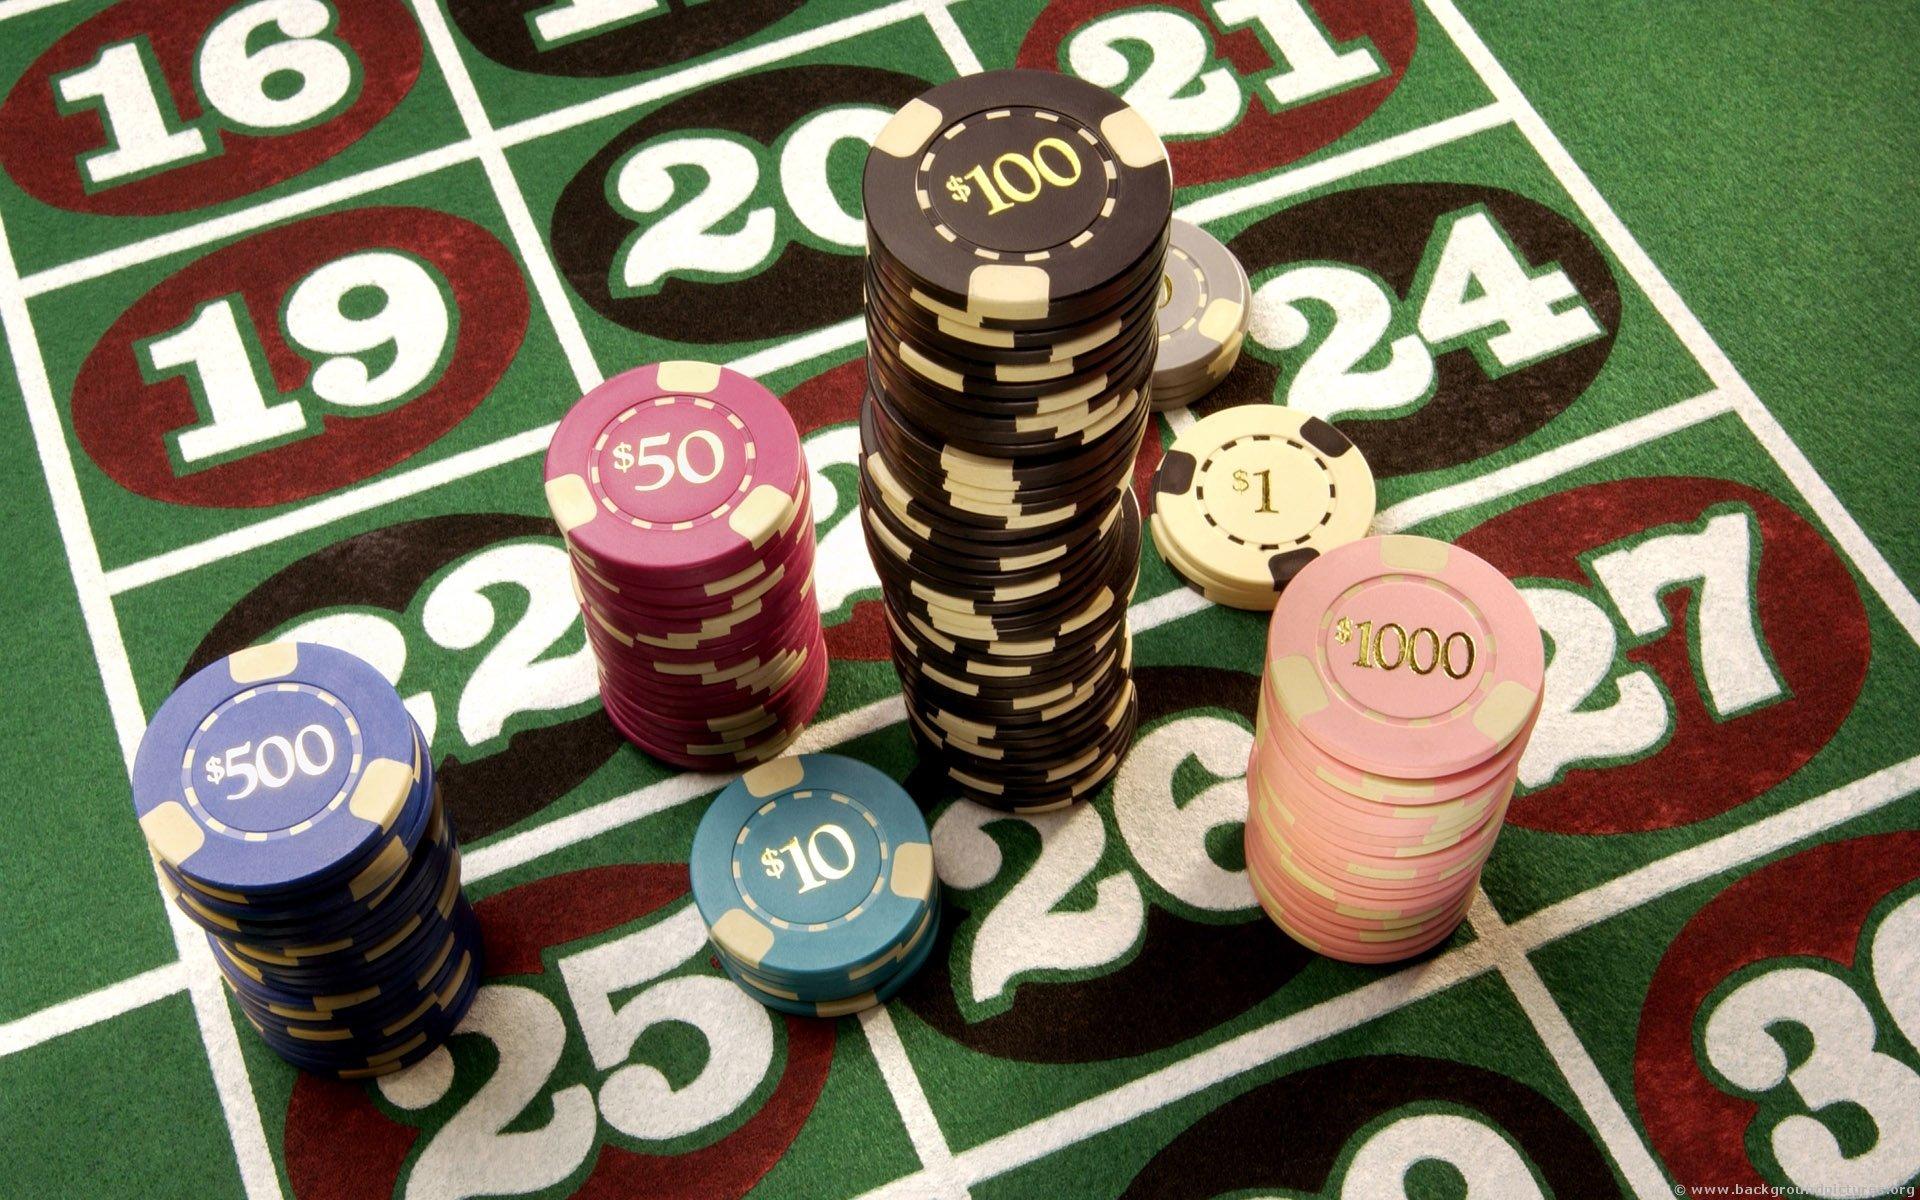 luchshie-onlayn-kazino-rossiyskogo-segmenta